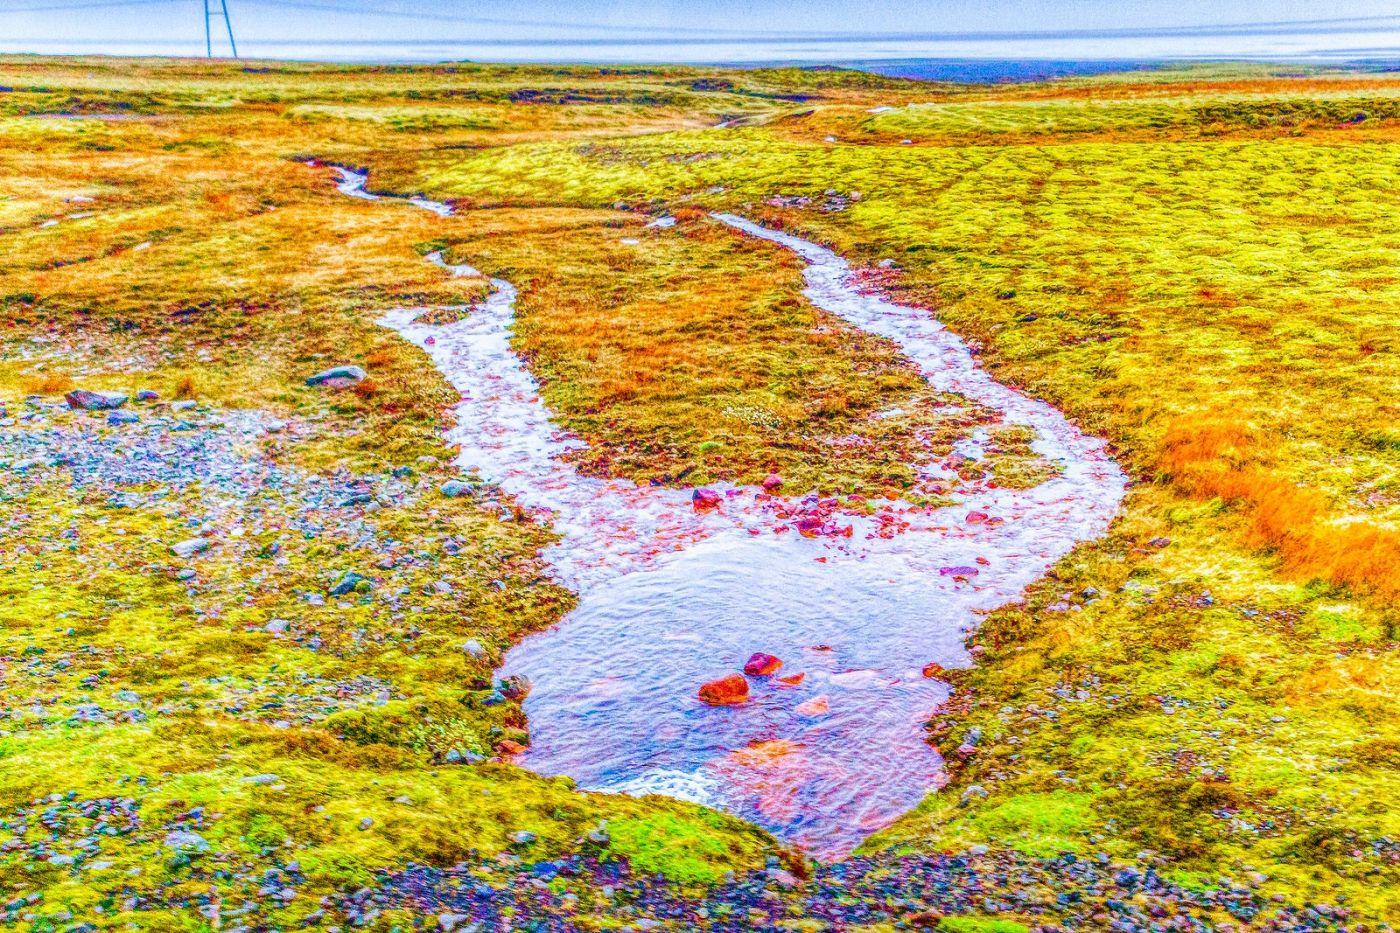 冰岛风采,延伸视野_图1-2